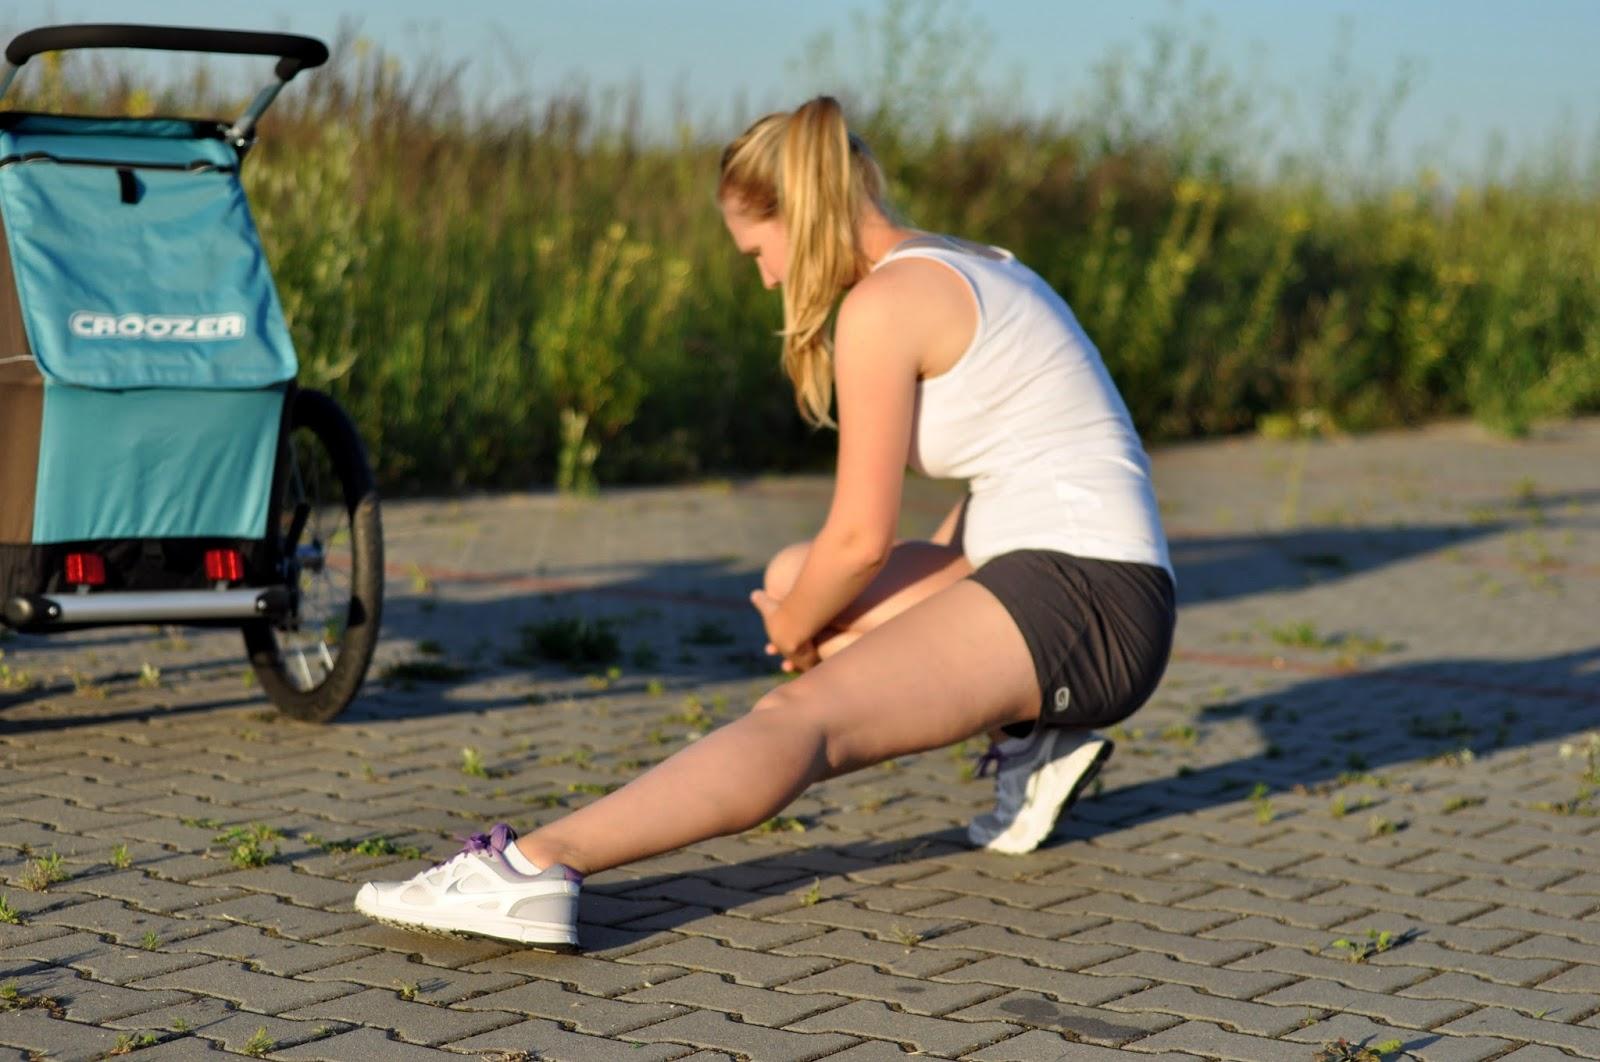 croozer kid plus bieganie z wózkiem bieganie z dzieckiem wózek biegowy bieganie po ciąży